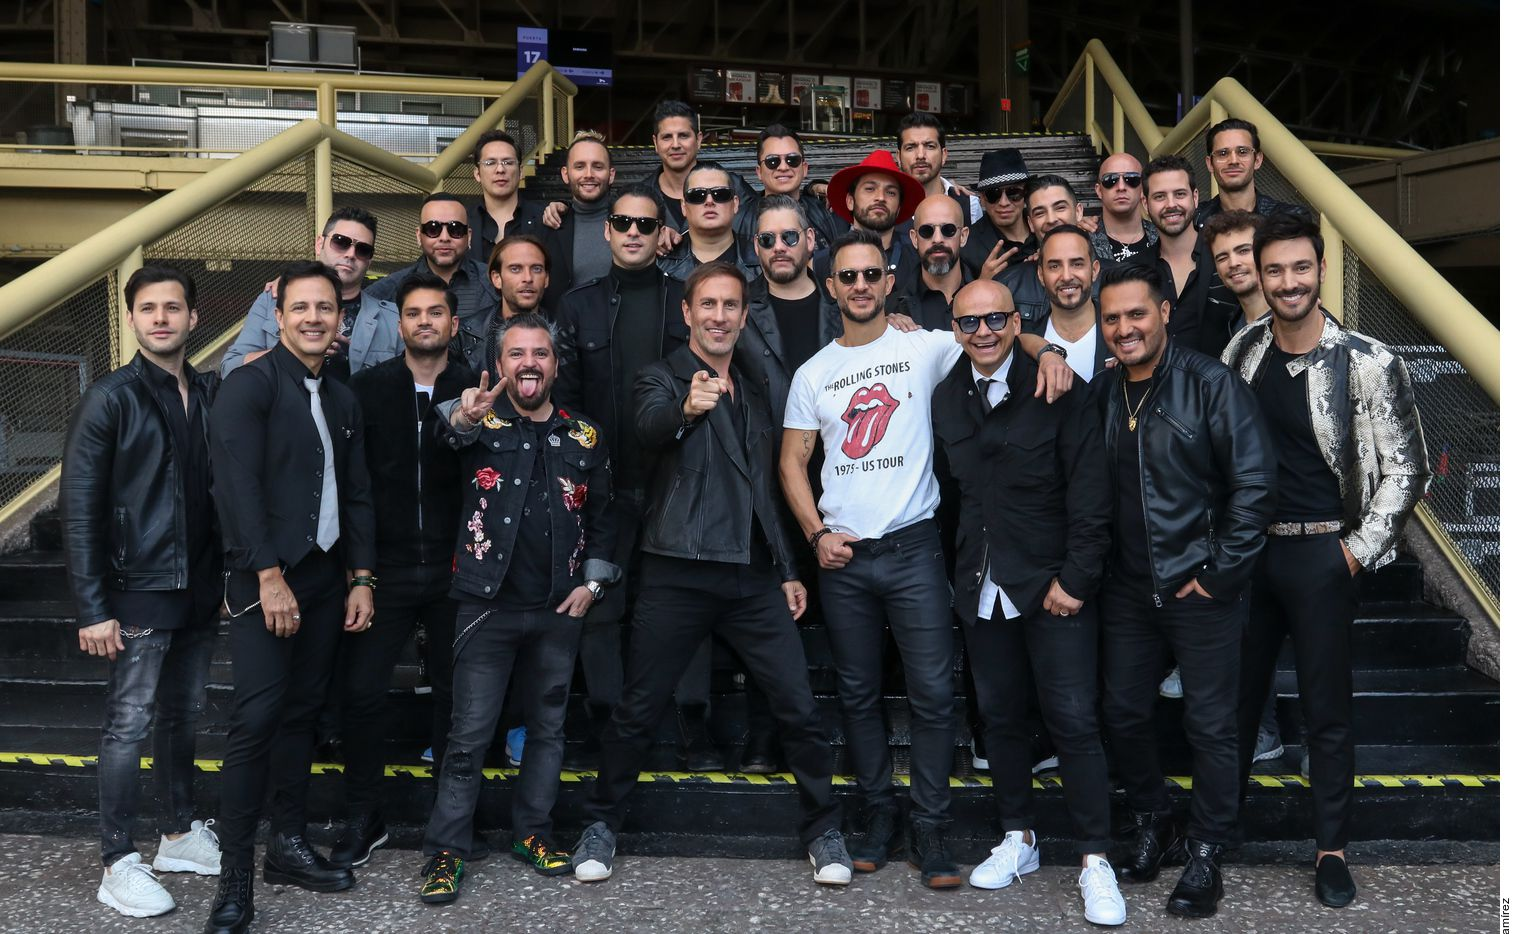 Boyband Experience, que arrancará el 20 de mayo en el Auditorio Nacional, lo integran Magneto, Mercurio, MDO, Kairo, Tierra Cero, Ragazzi, Ex Uff, M5 y Los Hijos de Sánchez.